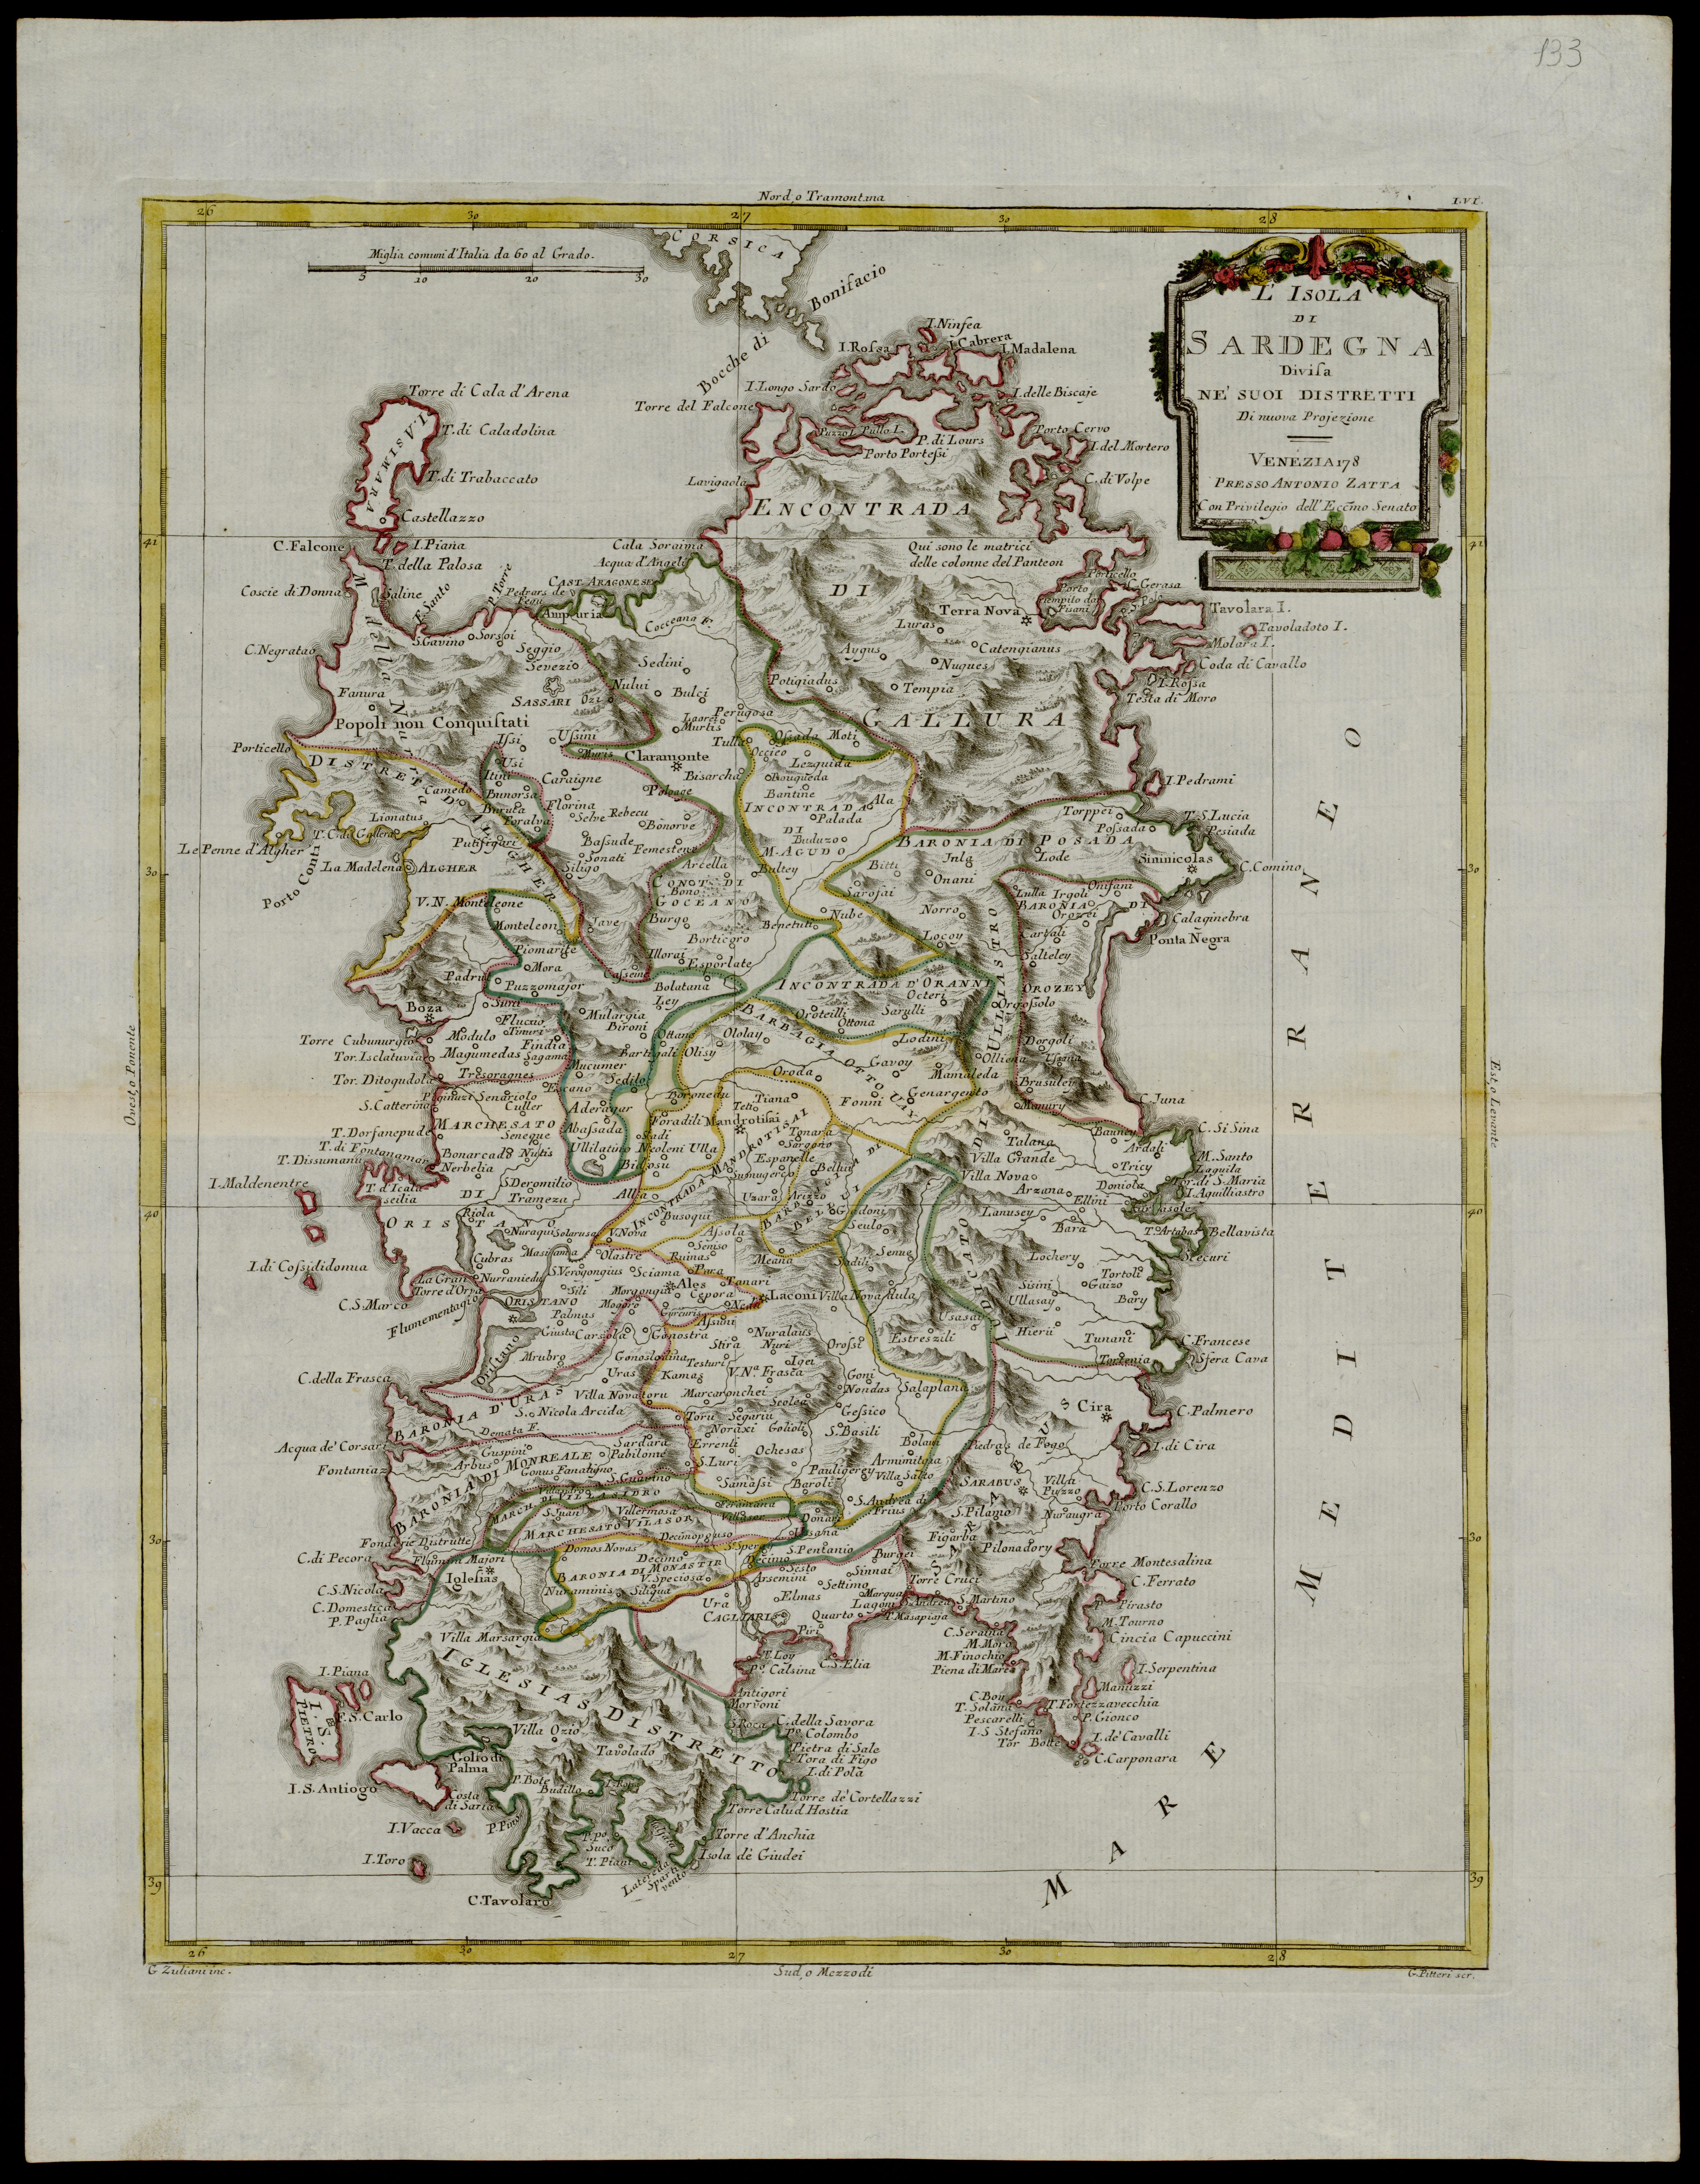 Cartina Antica Sardegna.Sinnos Tracce Di Memoria A Cargeghe La Piu Antica Testimonianza Scritta Del Nome Di Cargeghe In Una Mappa Cartografica Del 1753